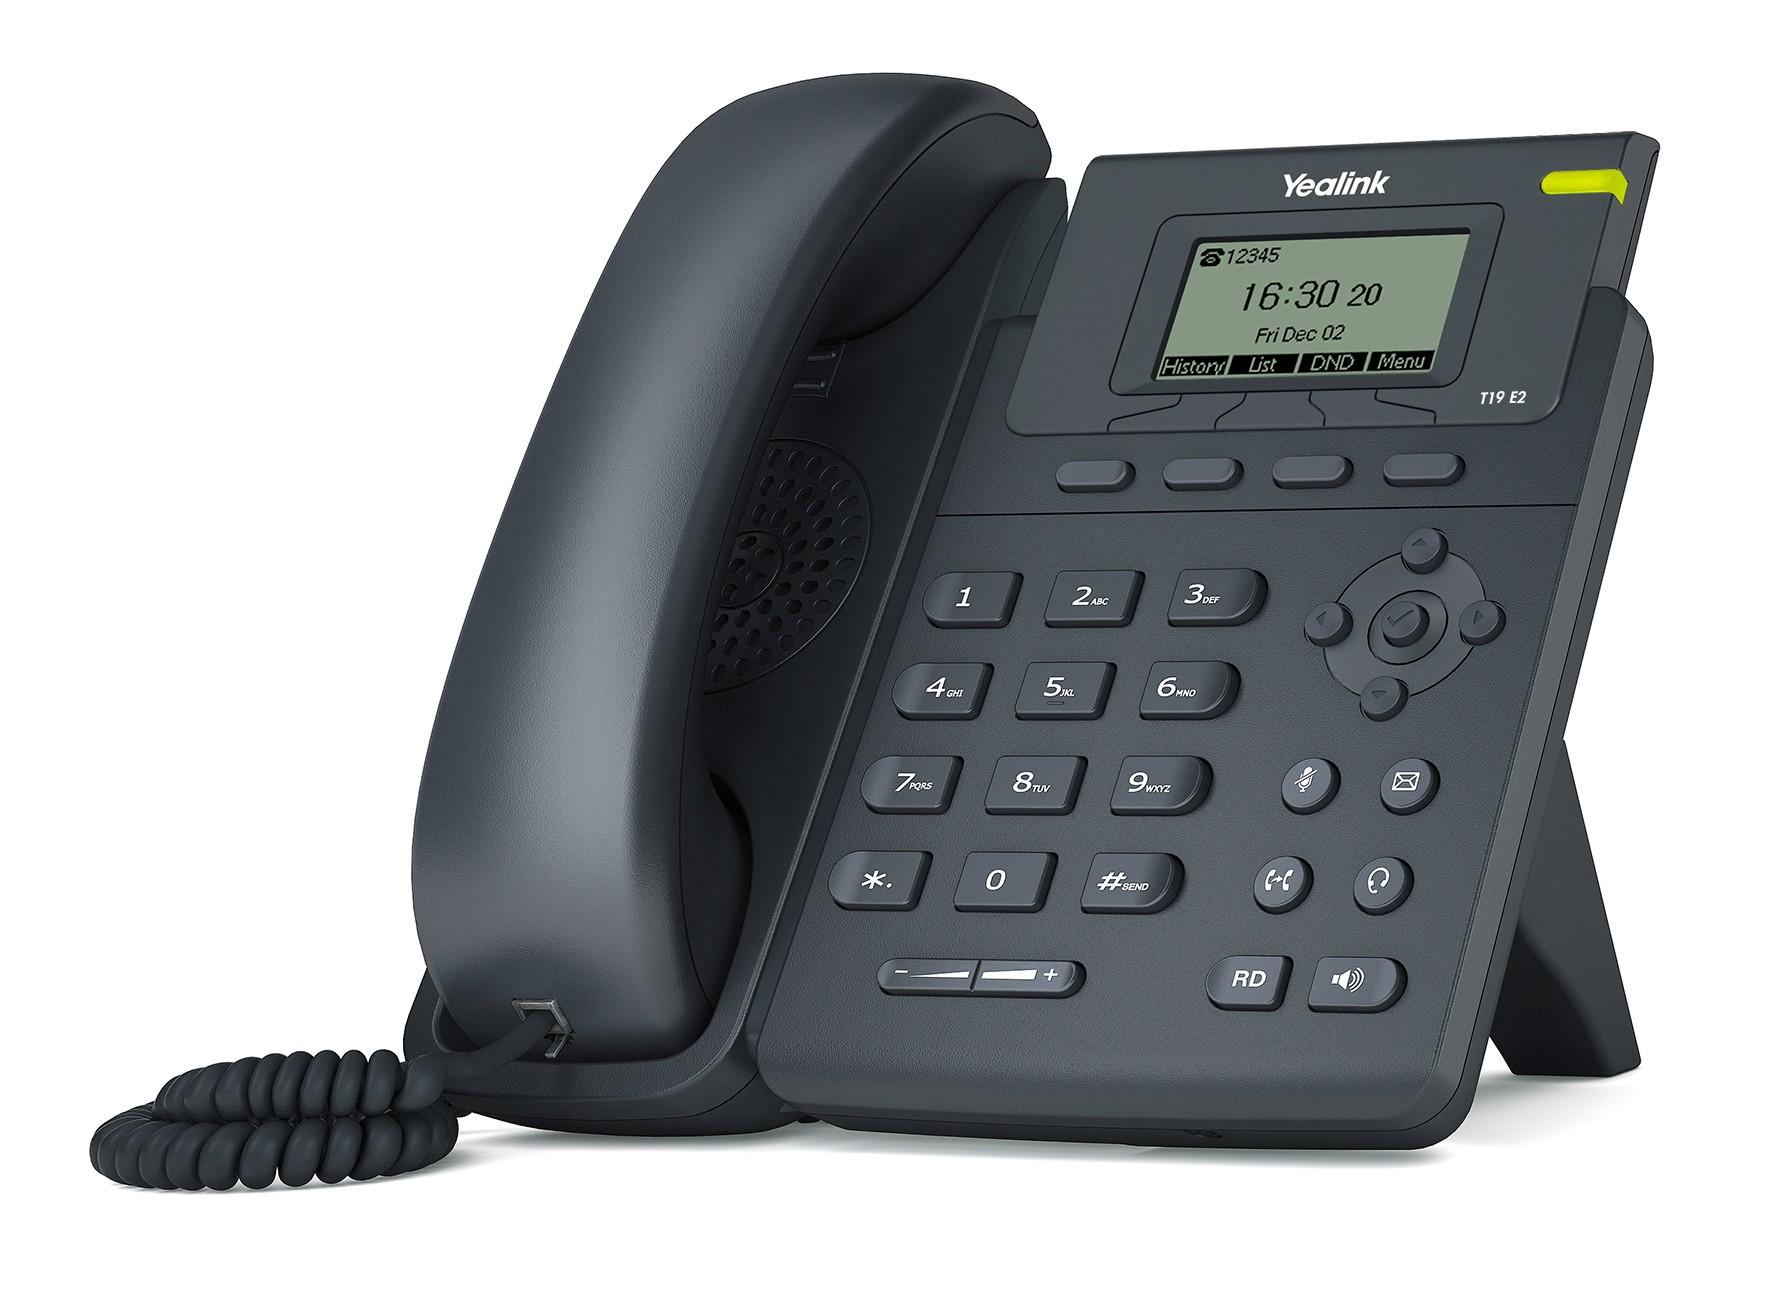 Yealink T19E2 Entry Level IP Phone PoE